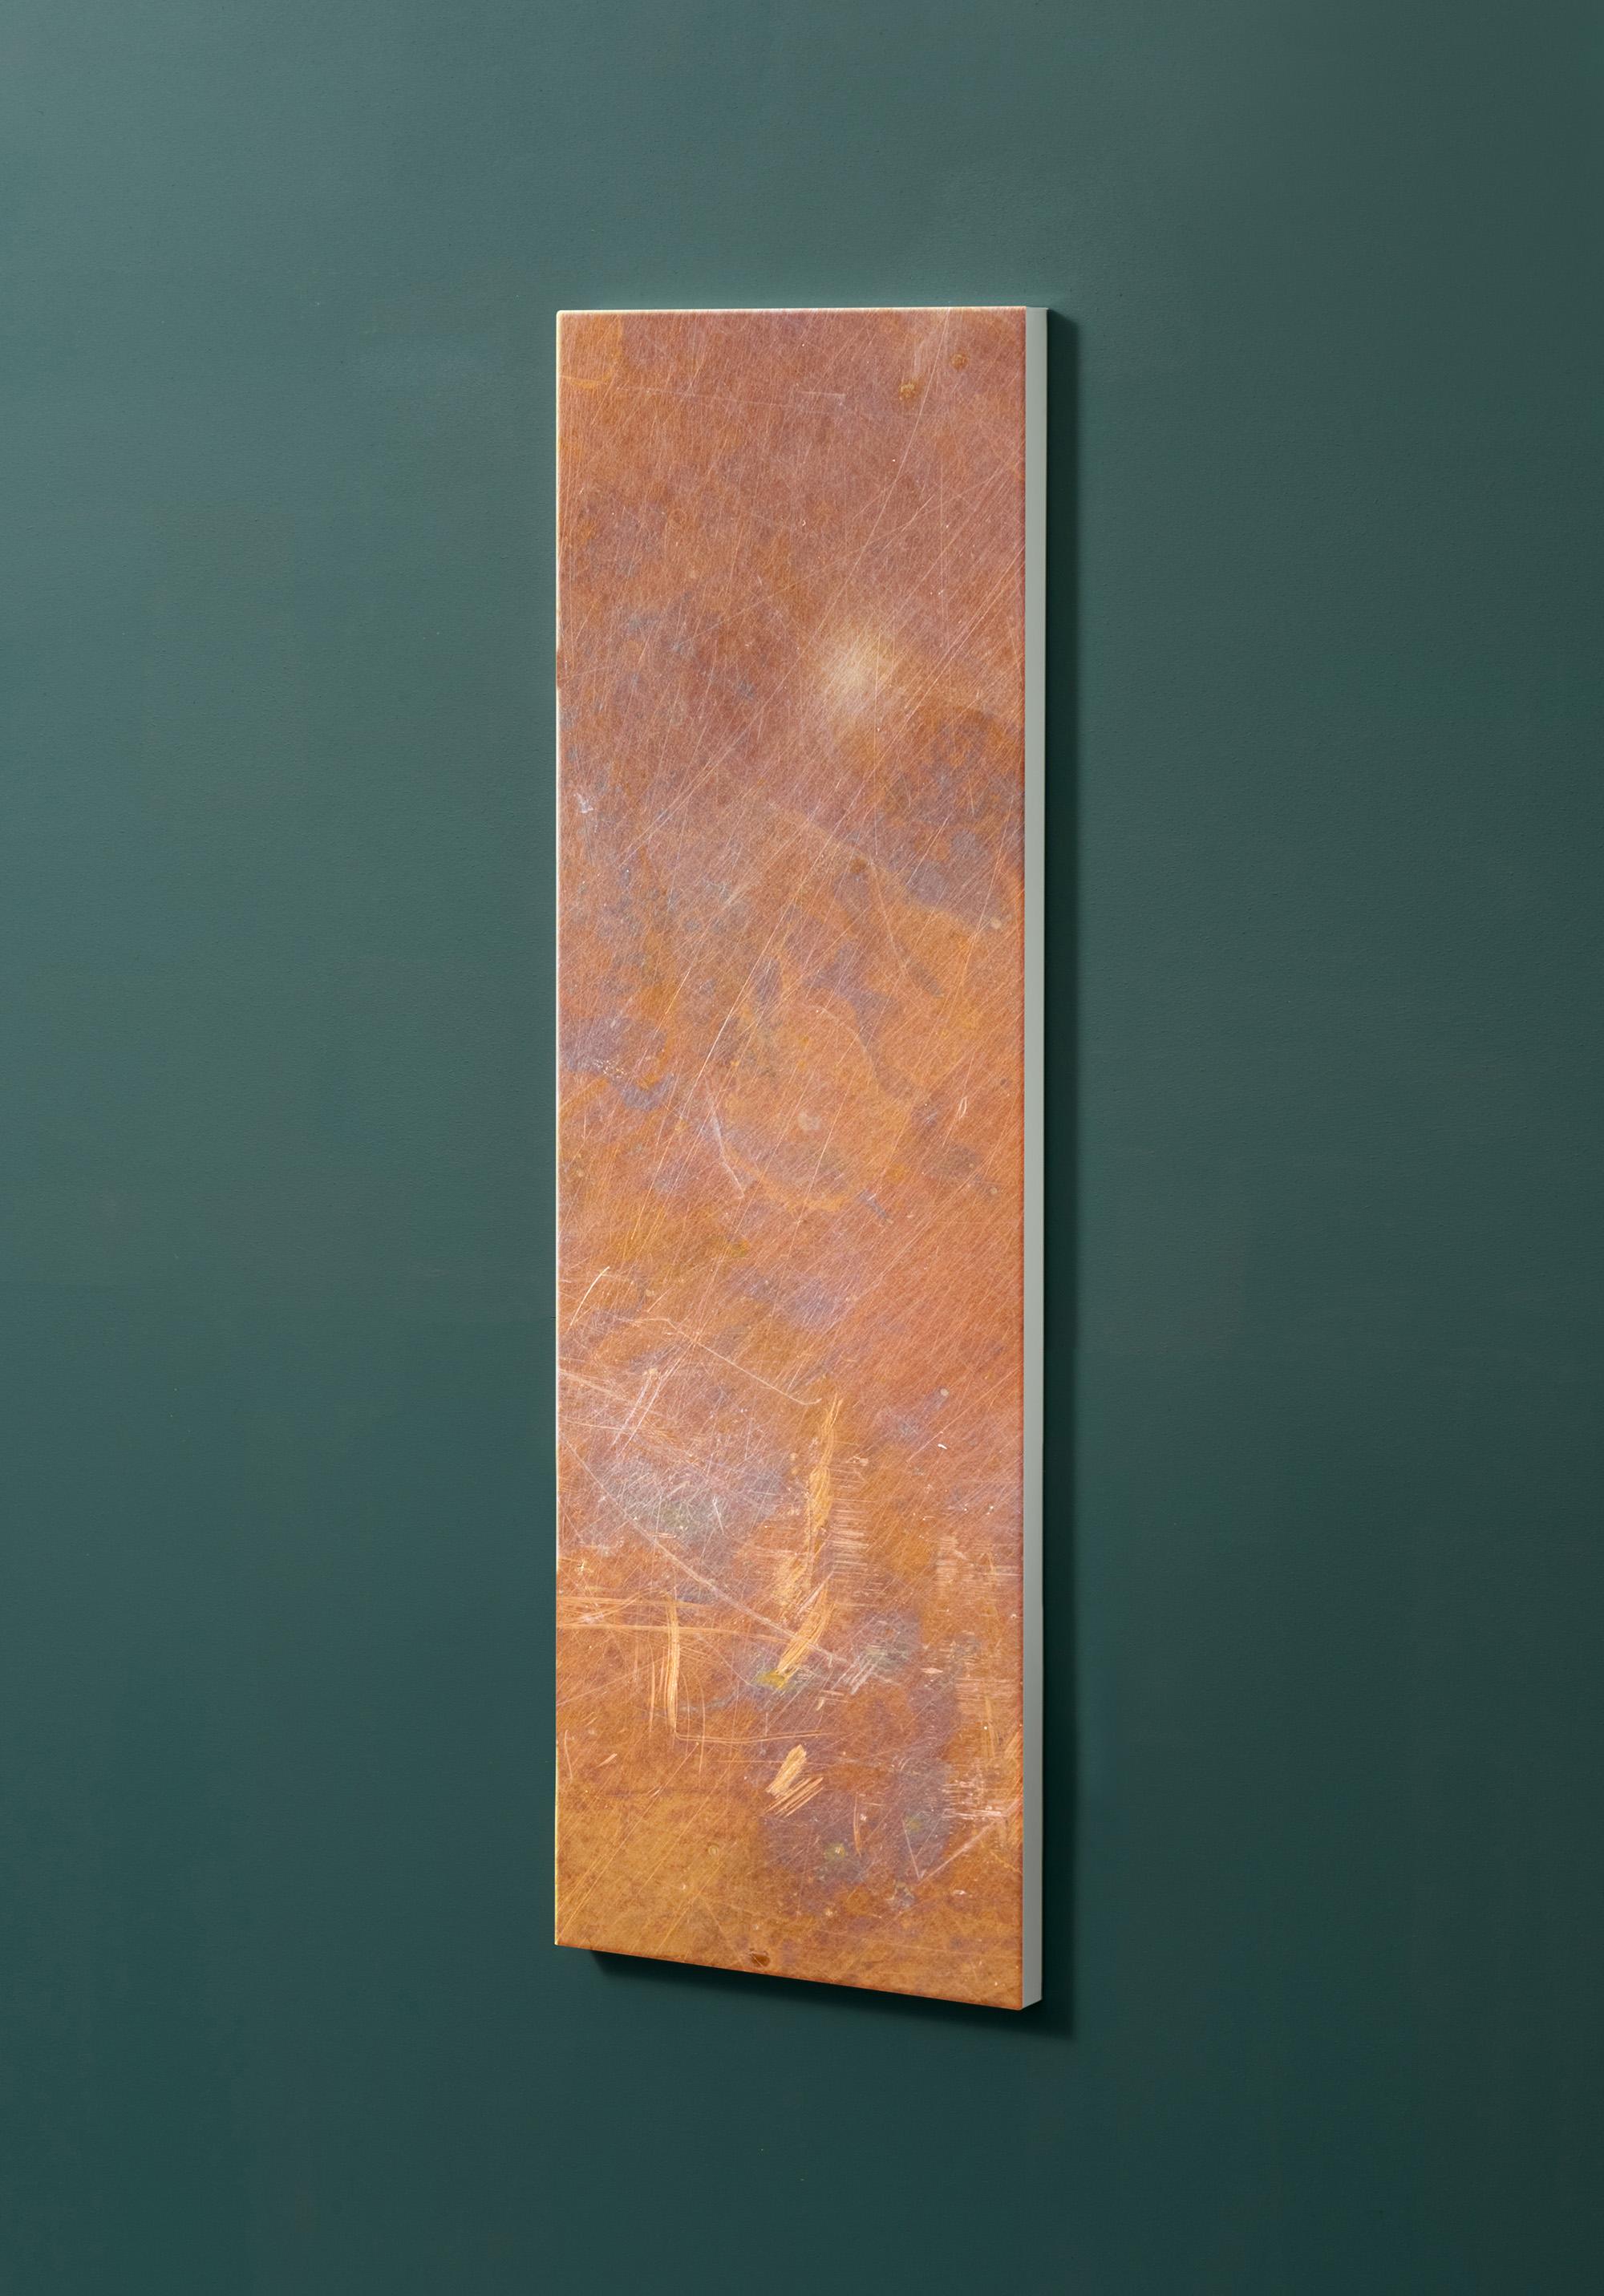 Magnettafel NOTIZ 30x90cm Motiv-Pinnwand M09 Rost